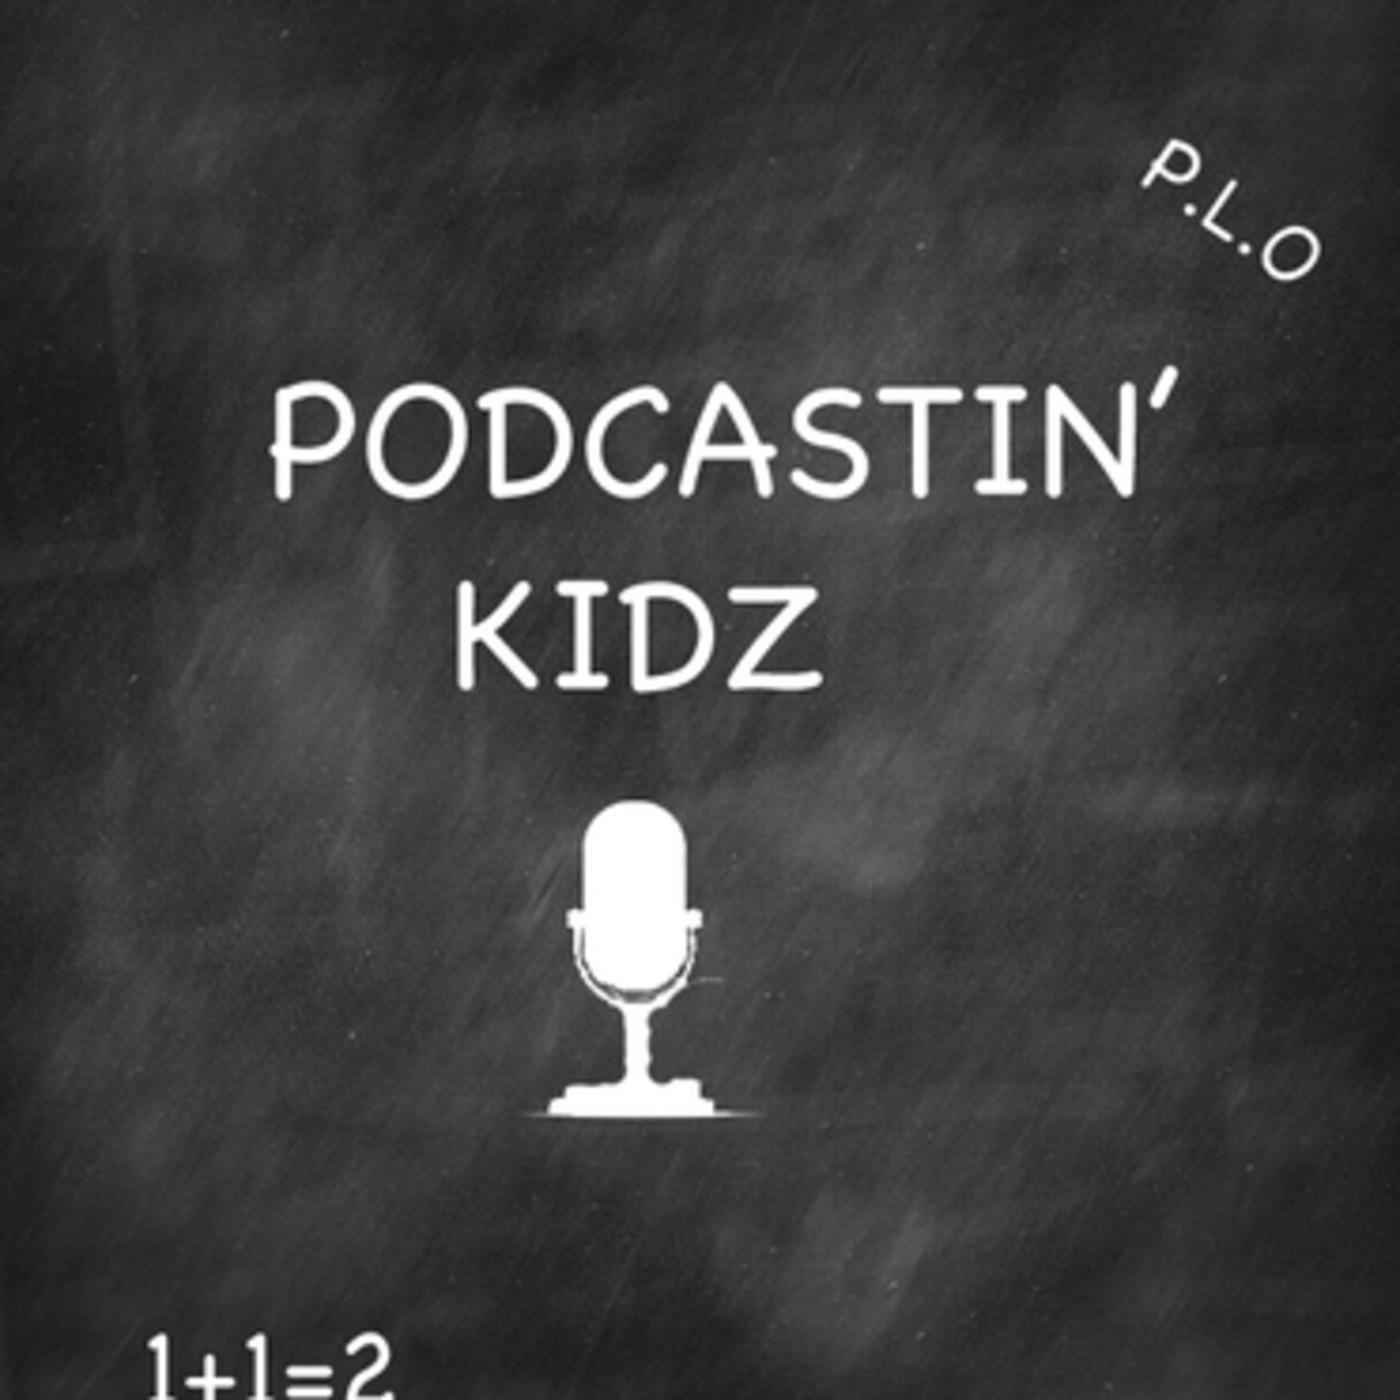 PodcastinKidz's Podcast